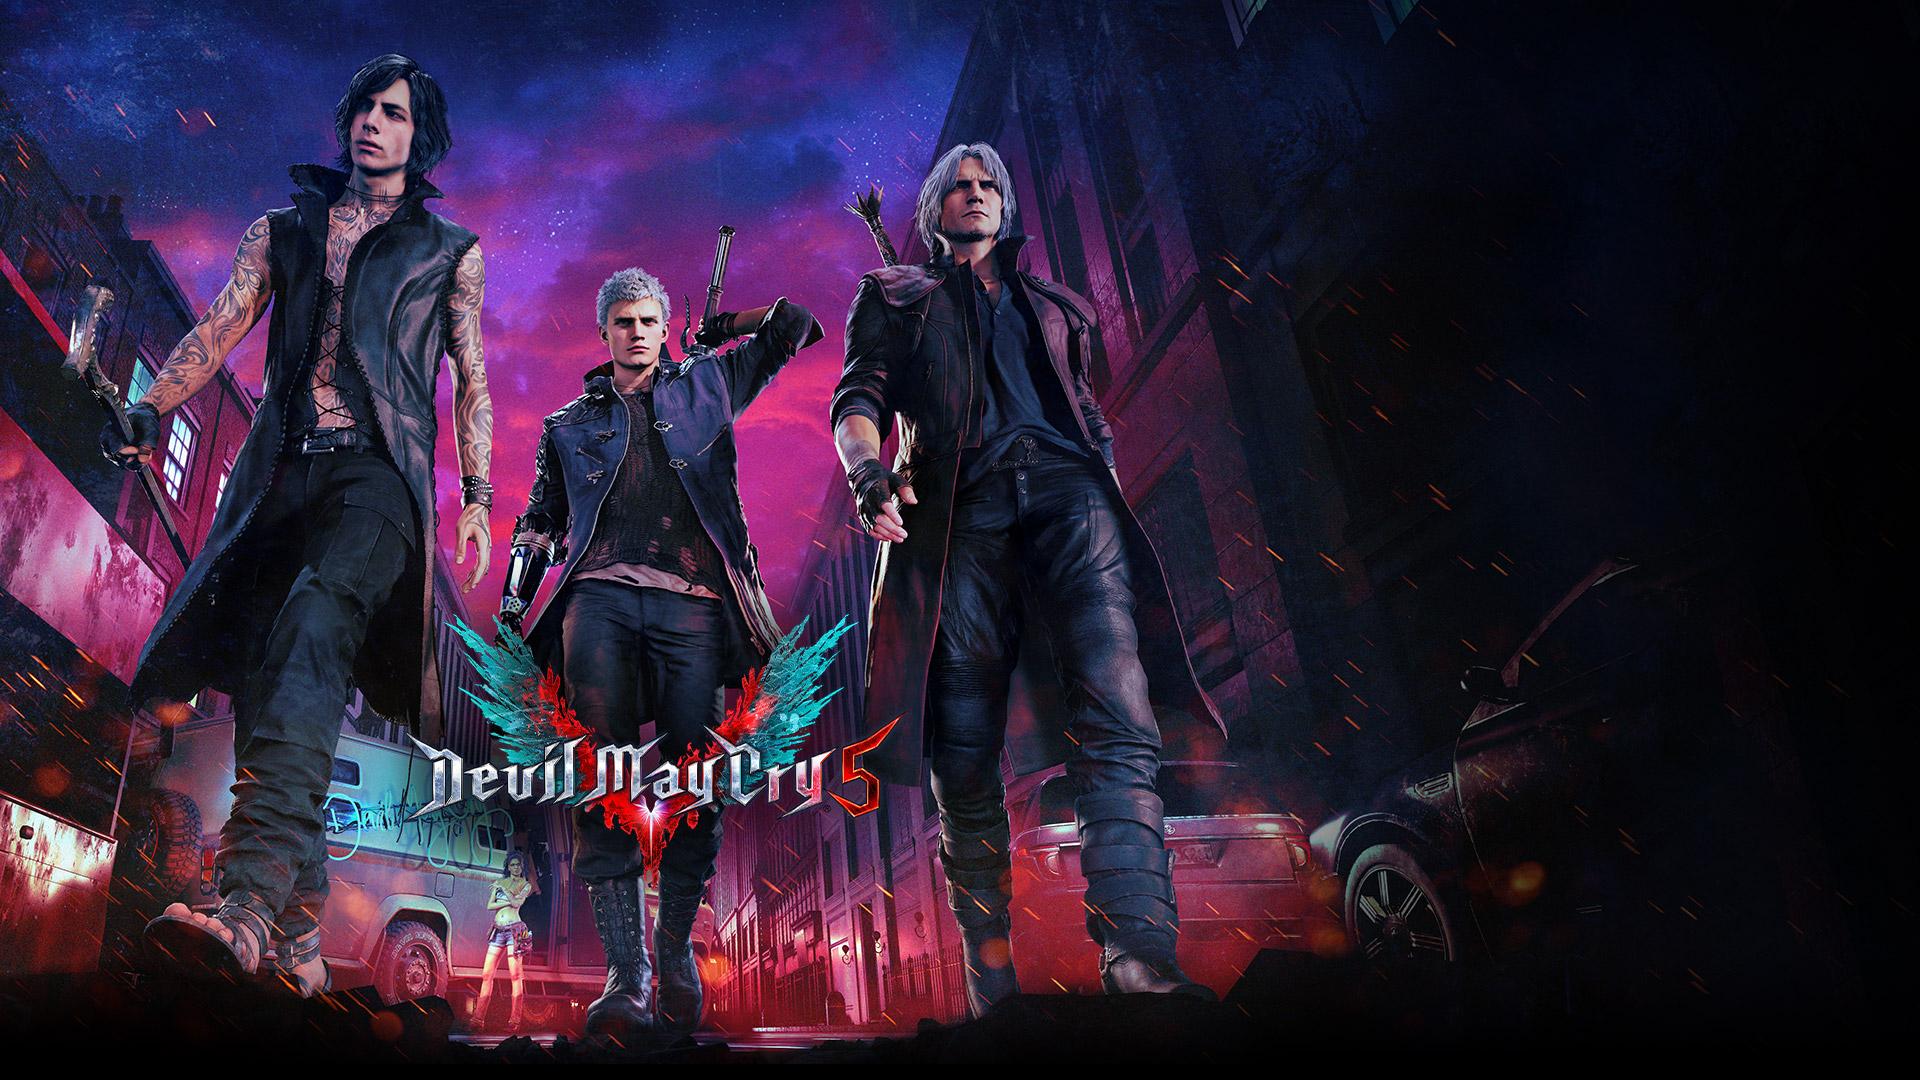 Devil May Cry 5, los cazademonios Nero, Dante y V caminan por una calle